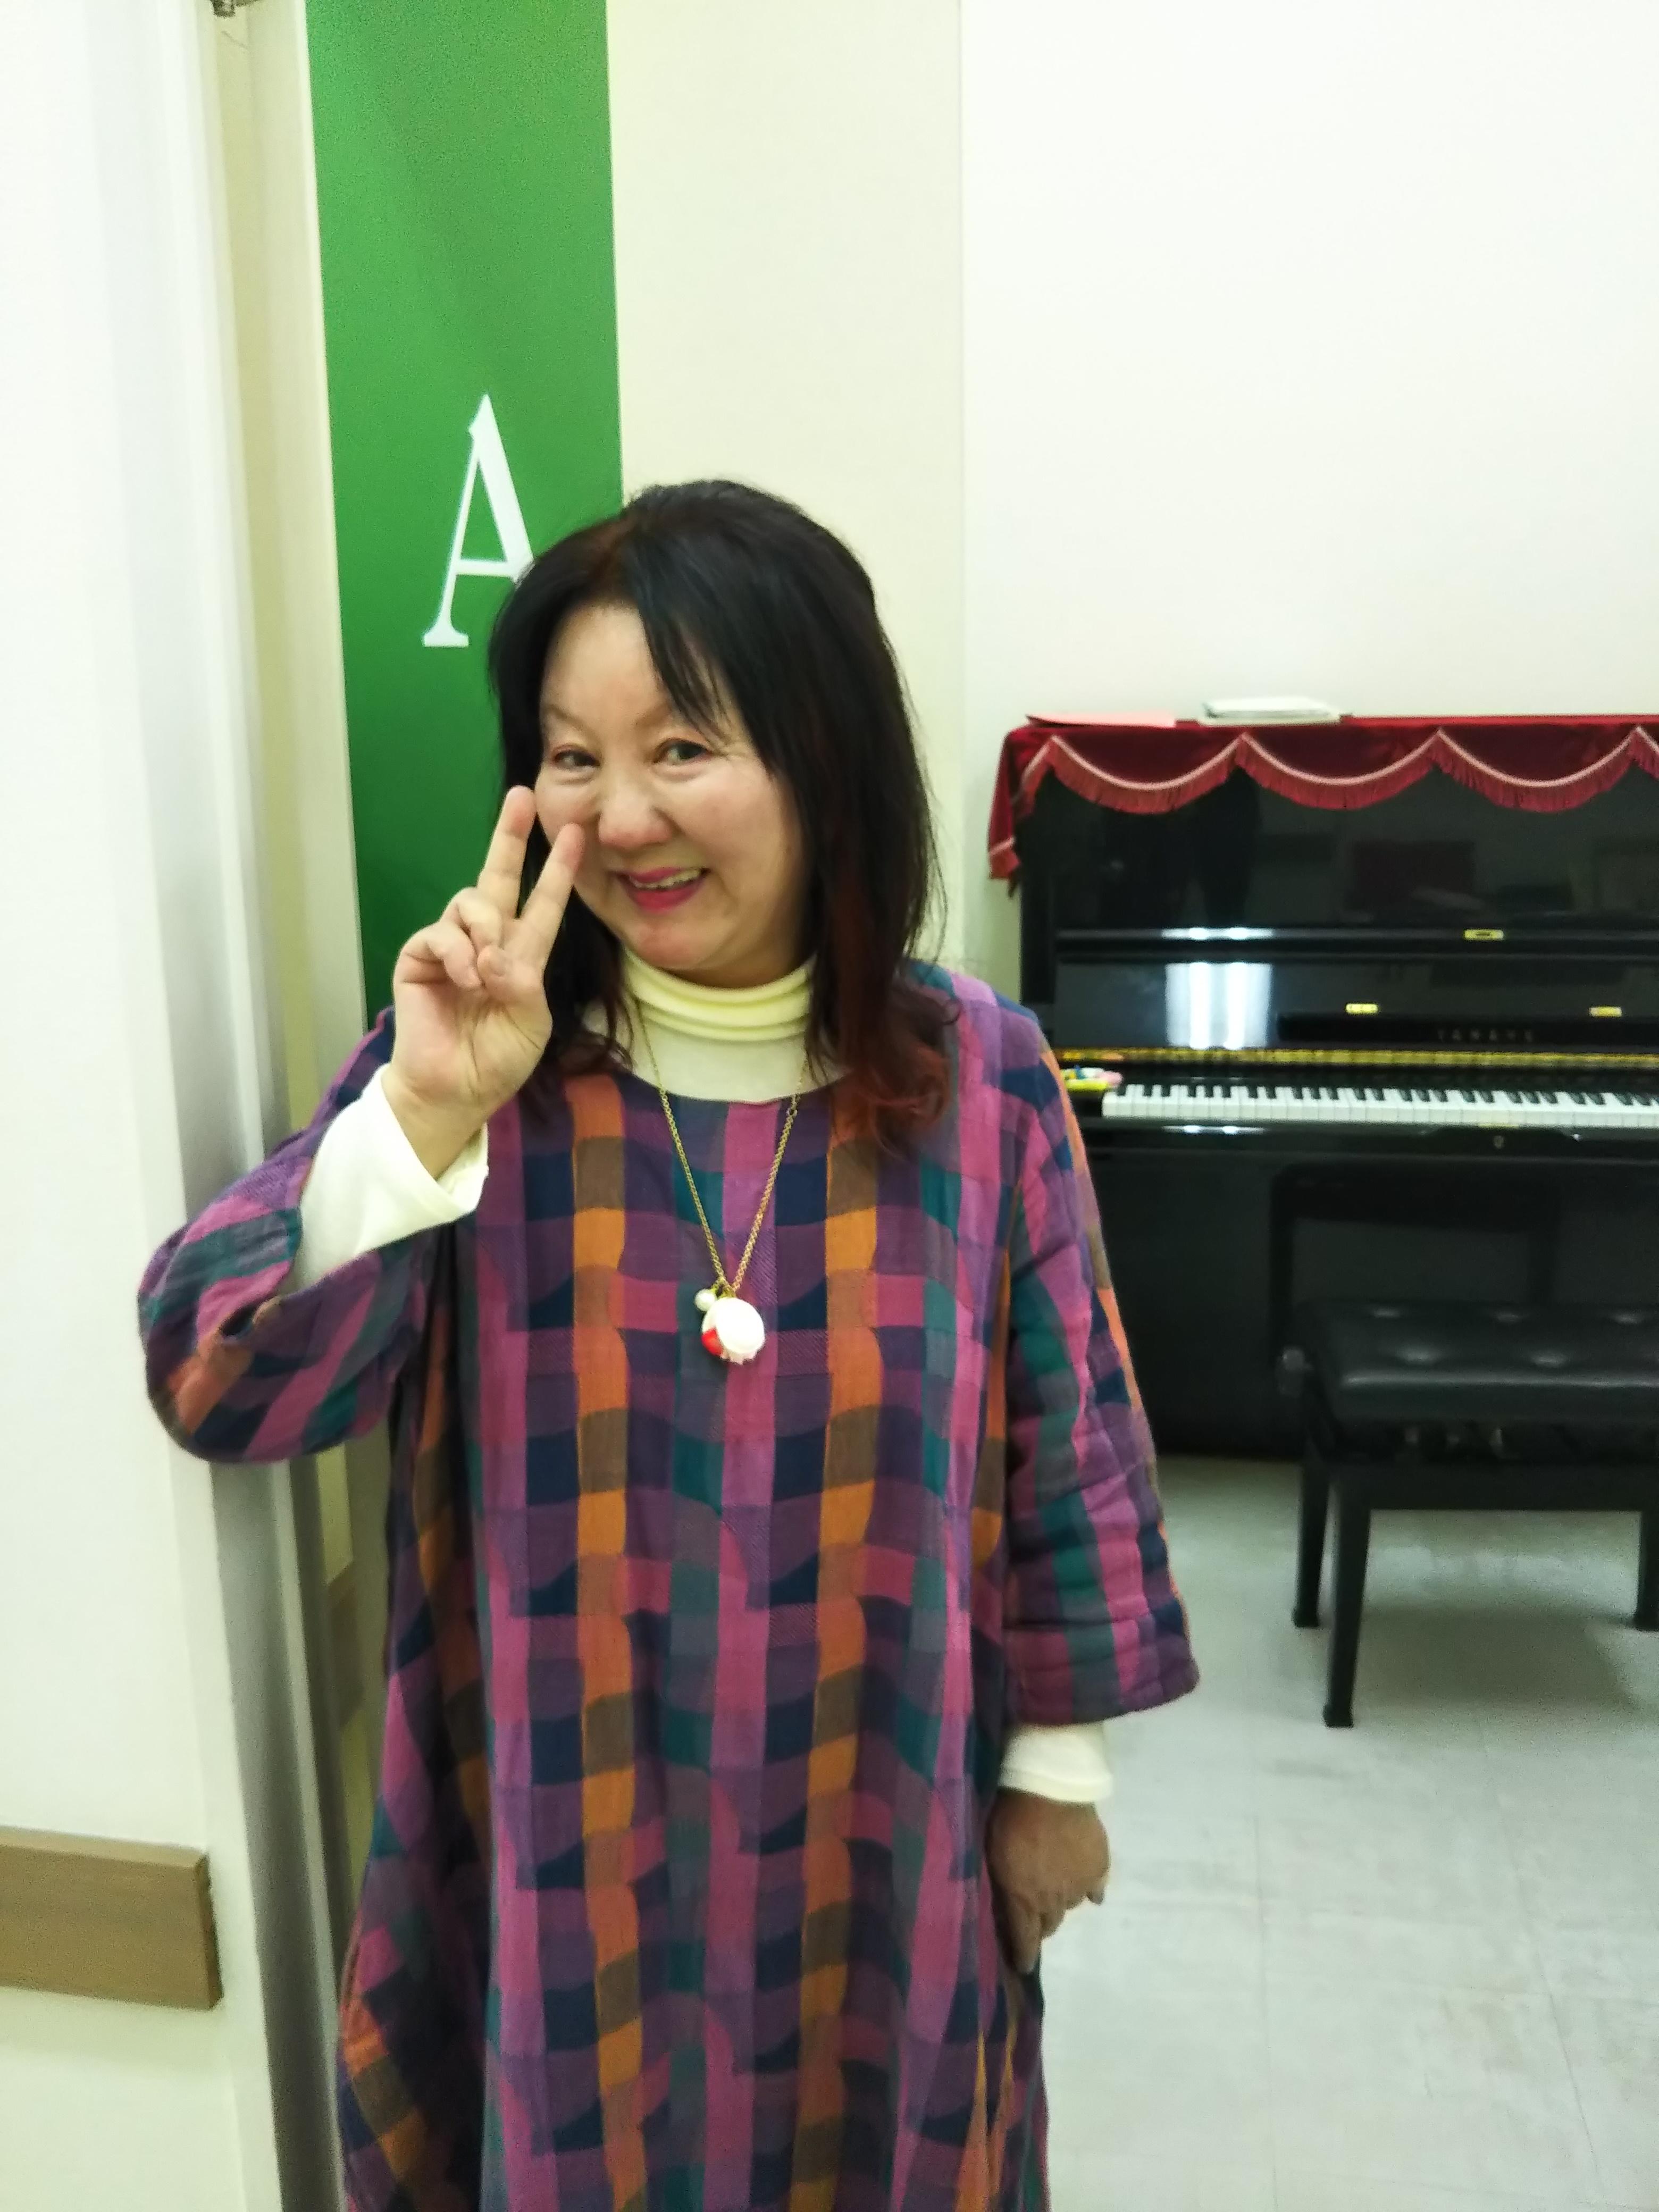 ピアノ演奏指導で活動している指導員さんの写真。ピースサインを作り笑顔で撮影。